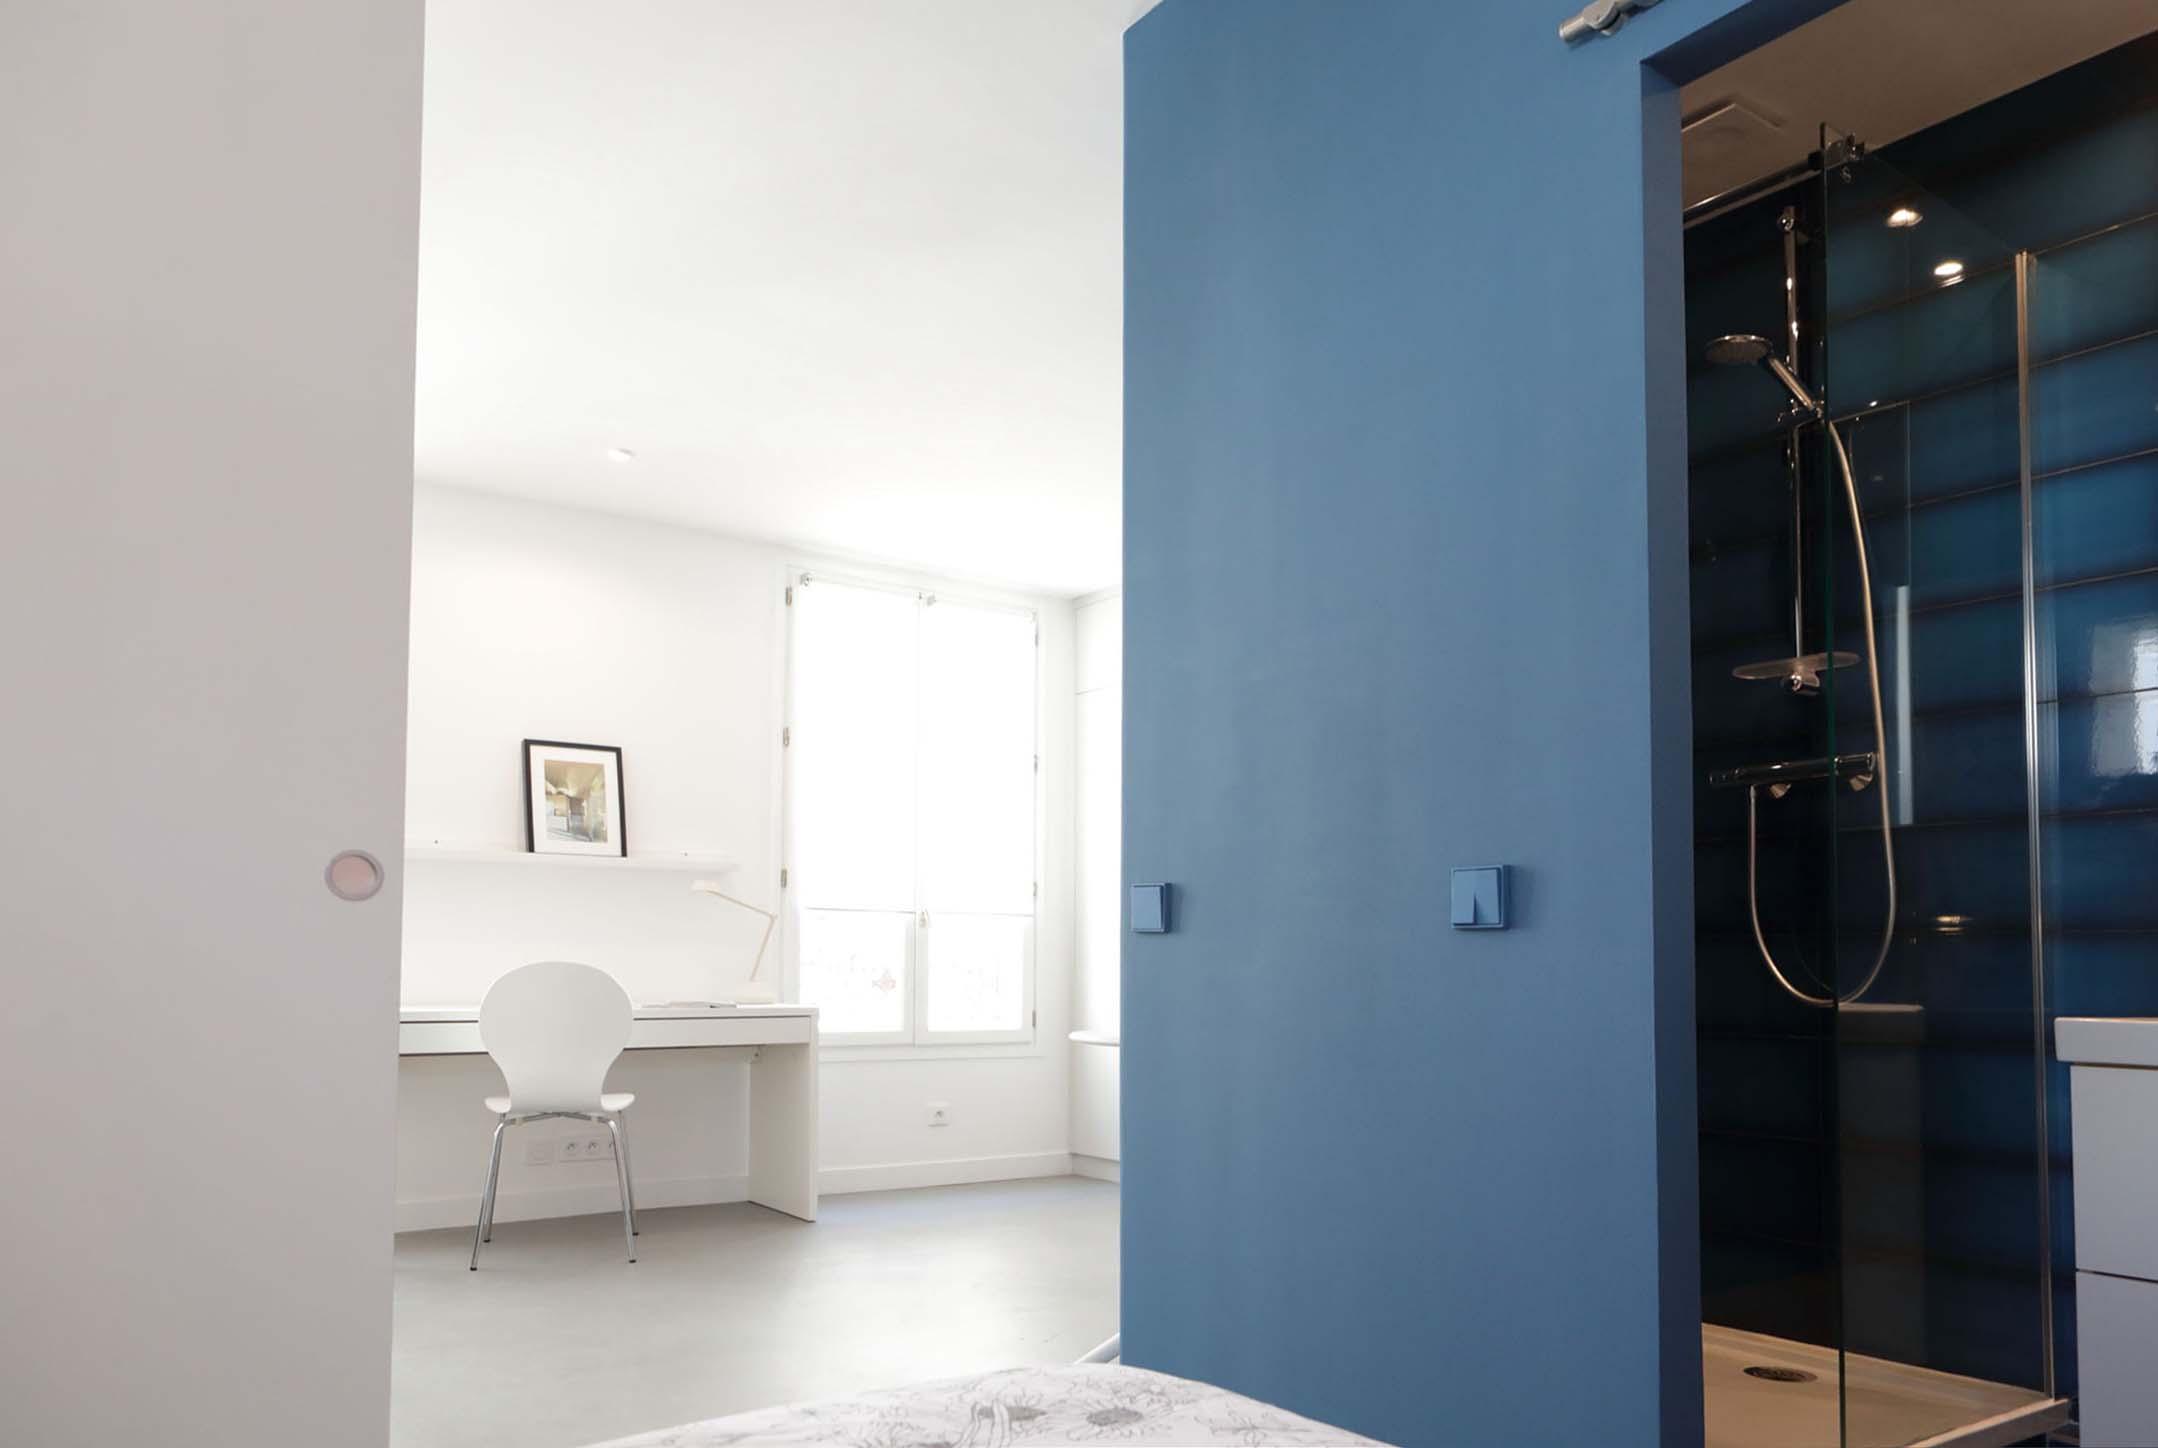 Un bleu  ultramat de la gamme de peinture écologique Le Corbusier.